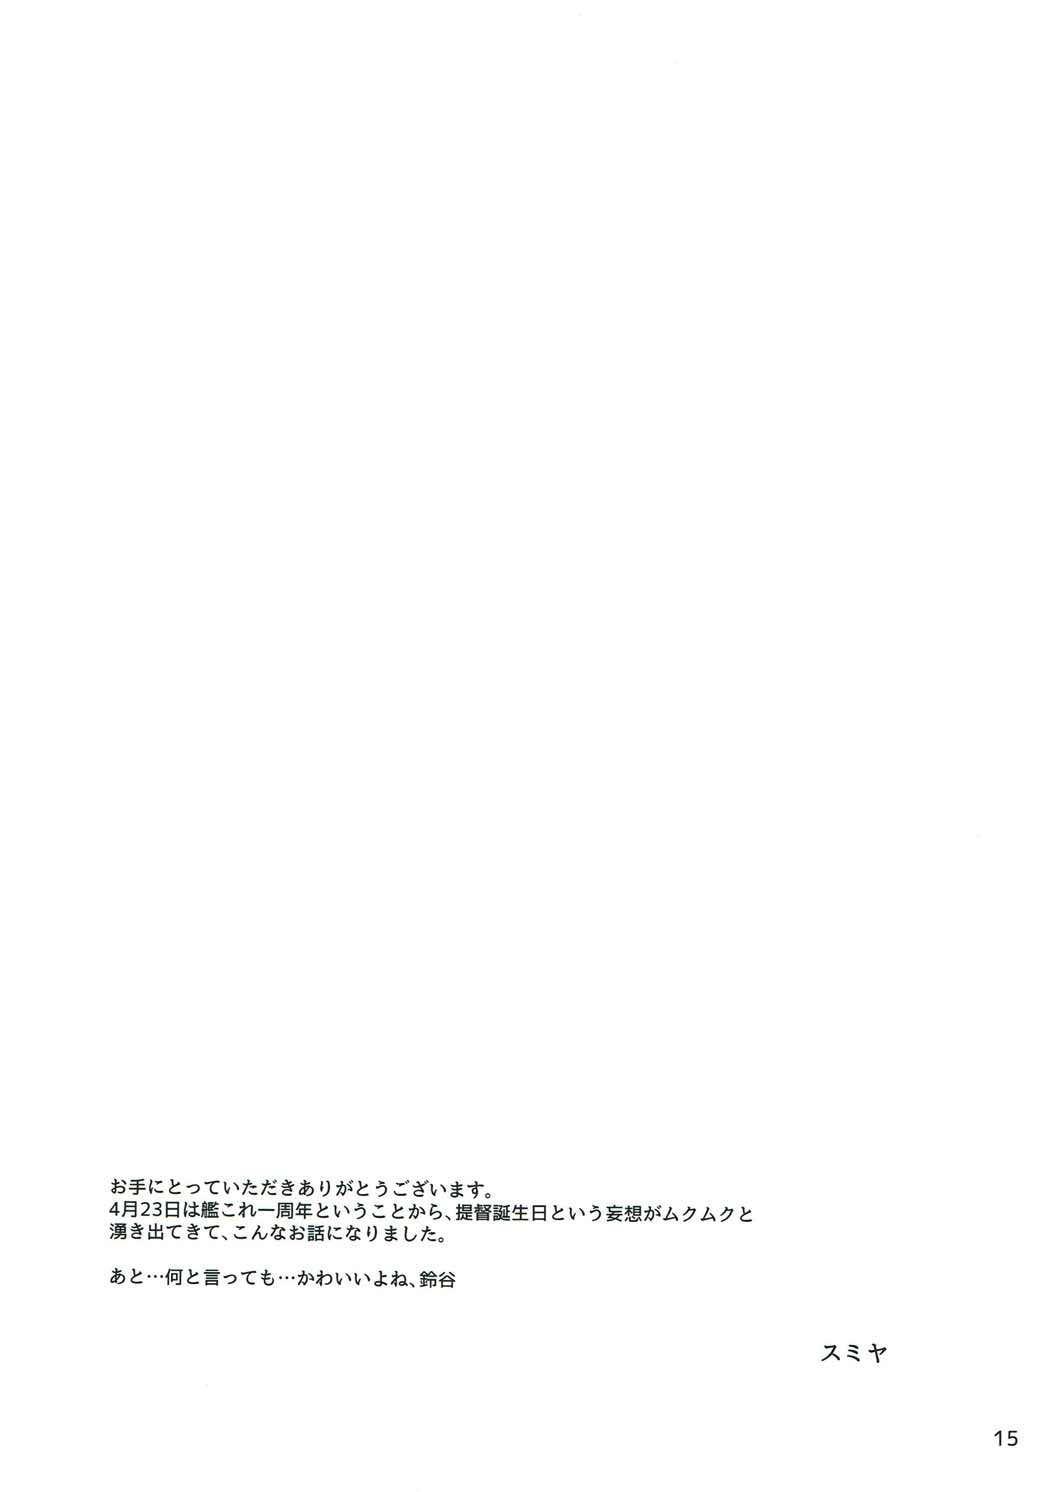 4.23 Shikinchoutatsu Sakusen 15